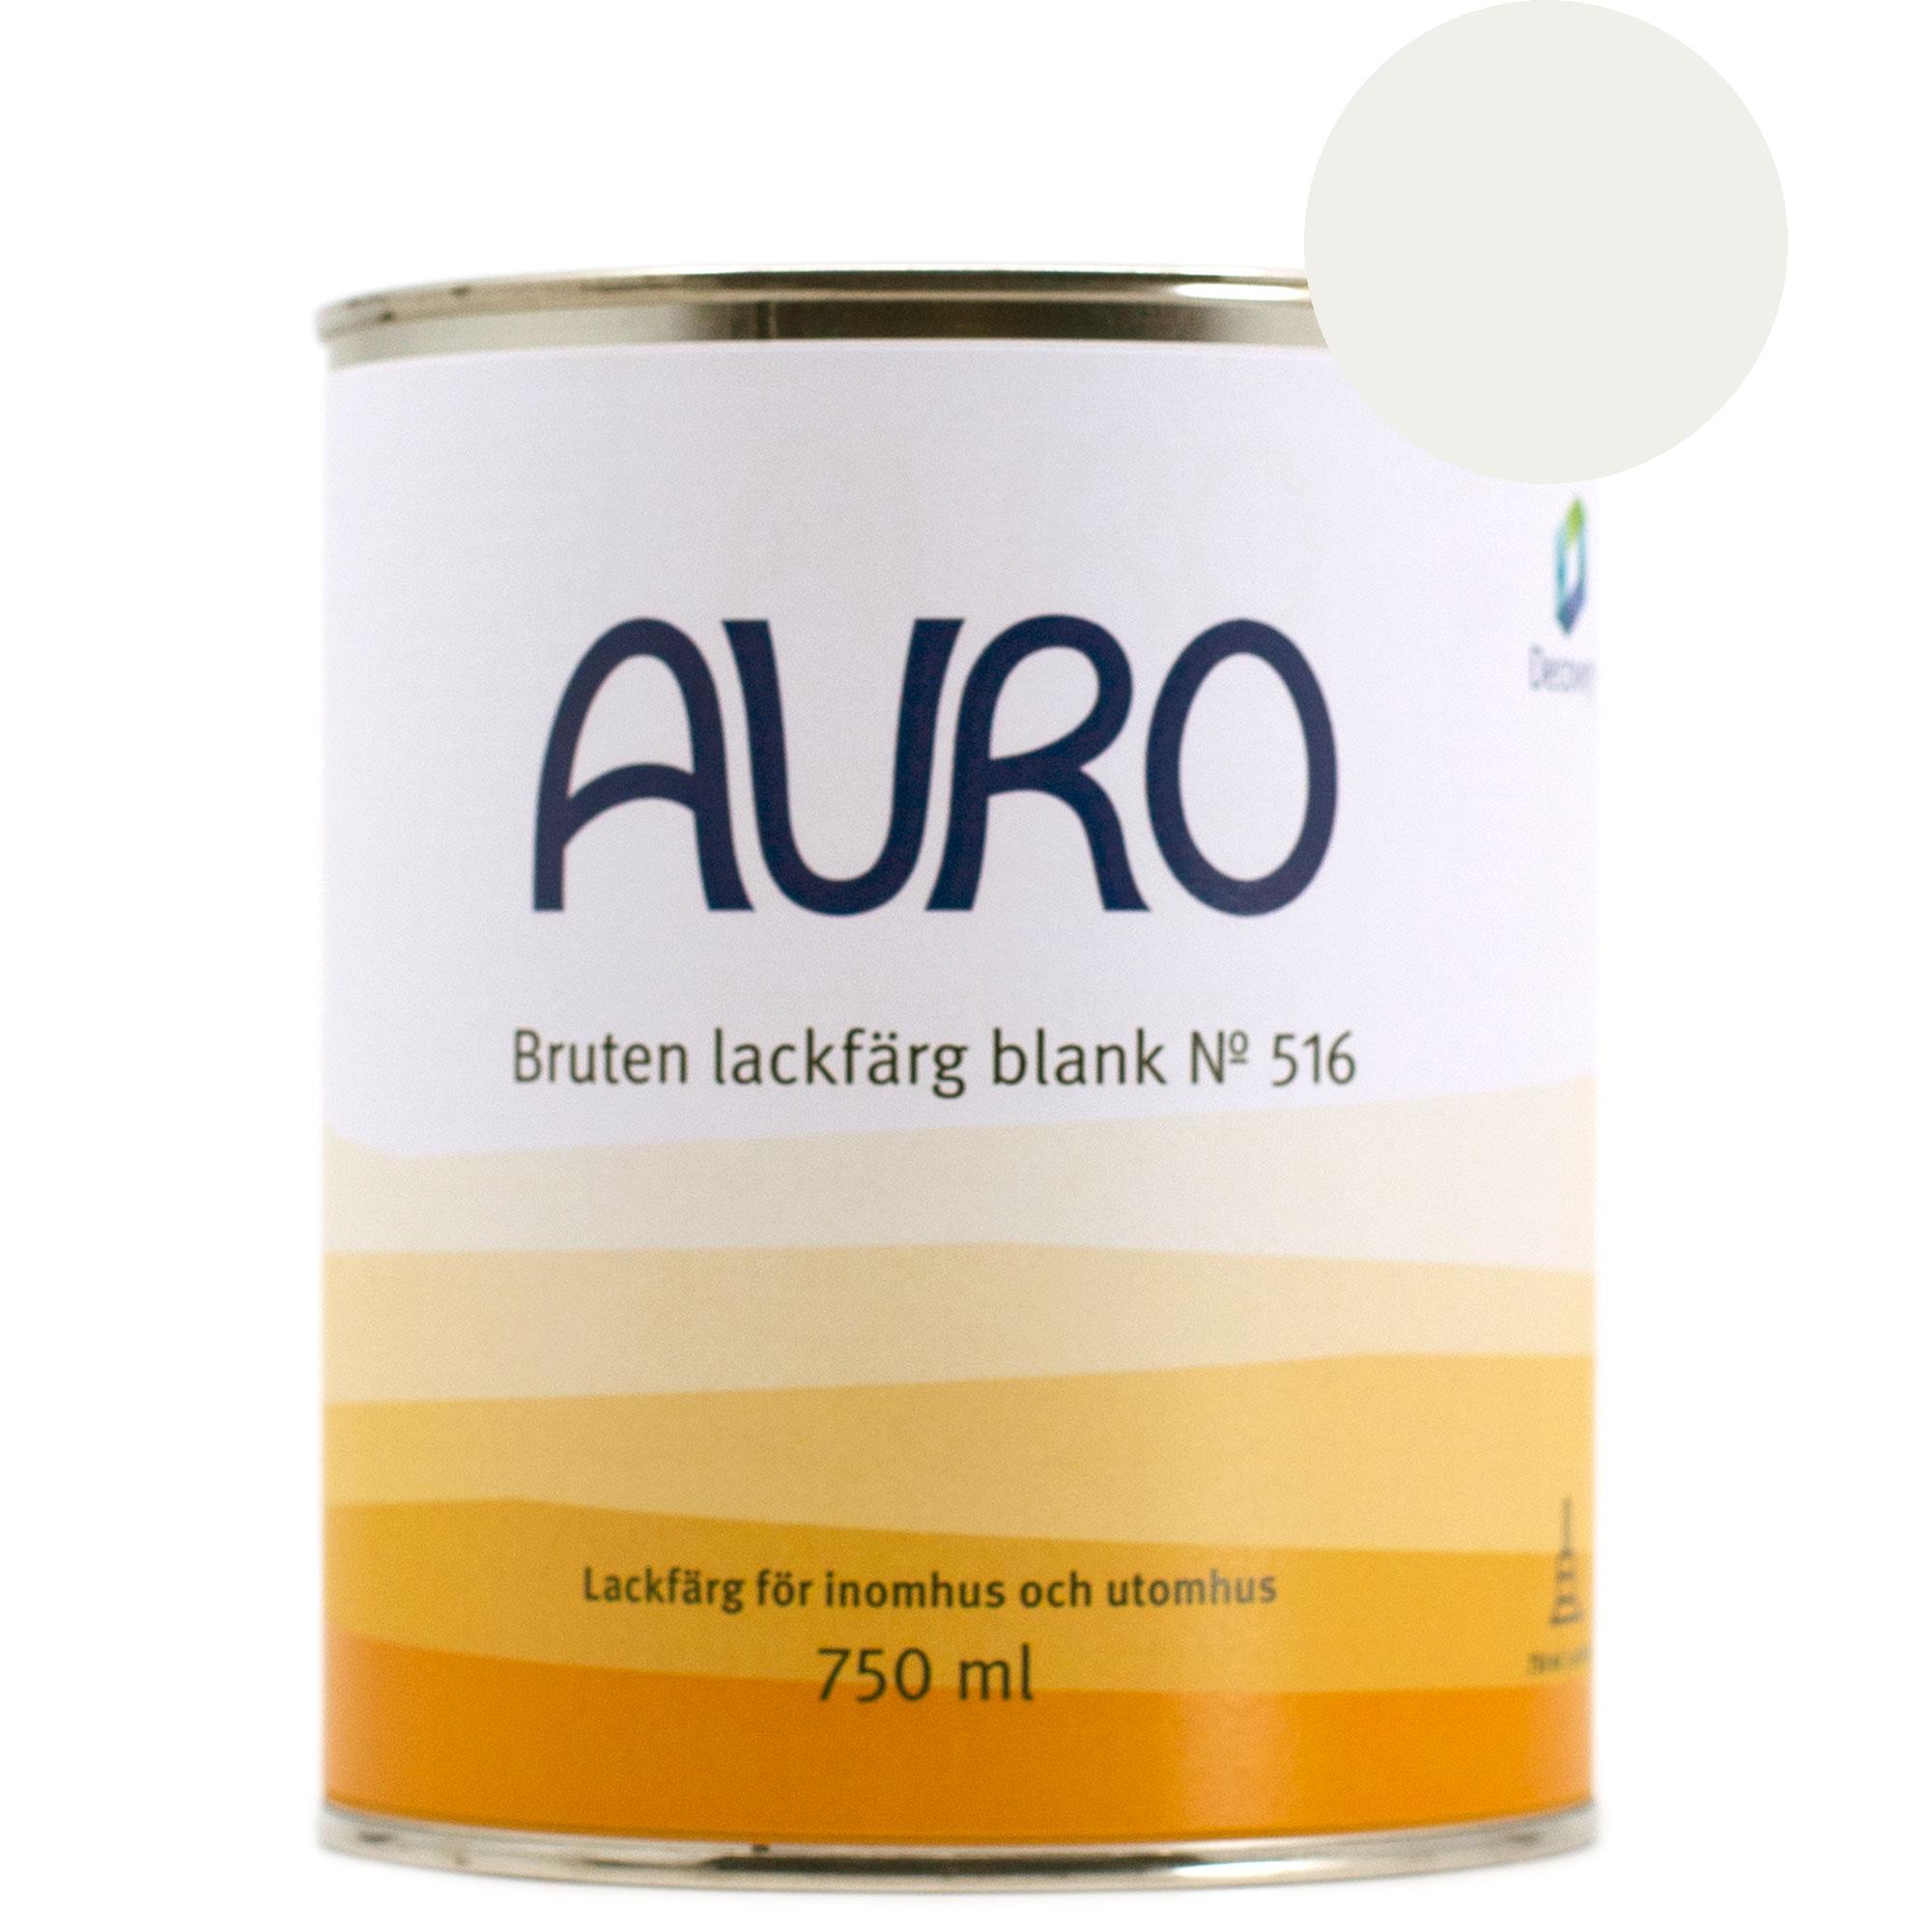 Lackfärg Blank 516 U - kulör: Marmorvit - 750 ml från Byggfabriken